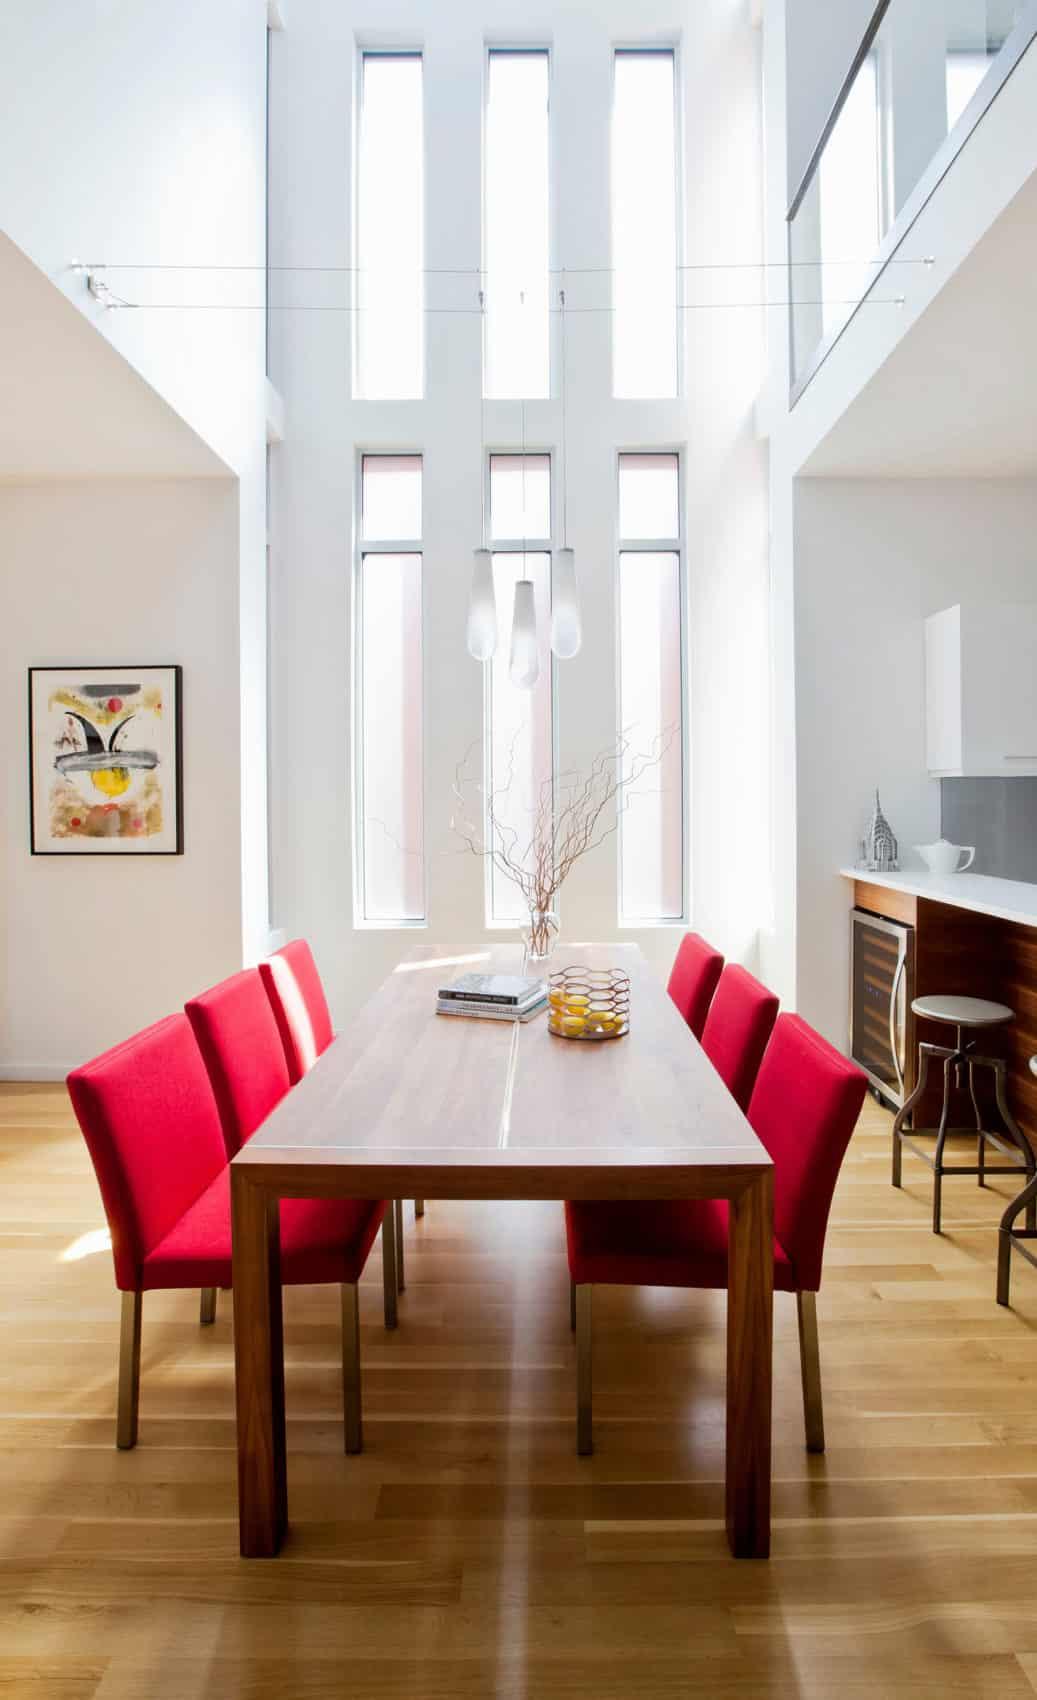 Residence Landsowne by Affleck de la Riva architects (5)